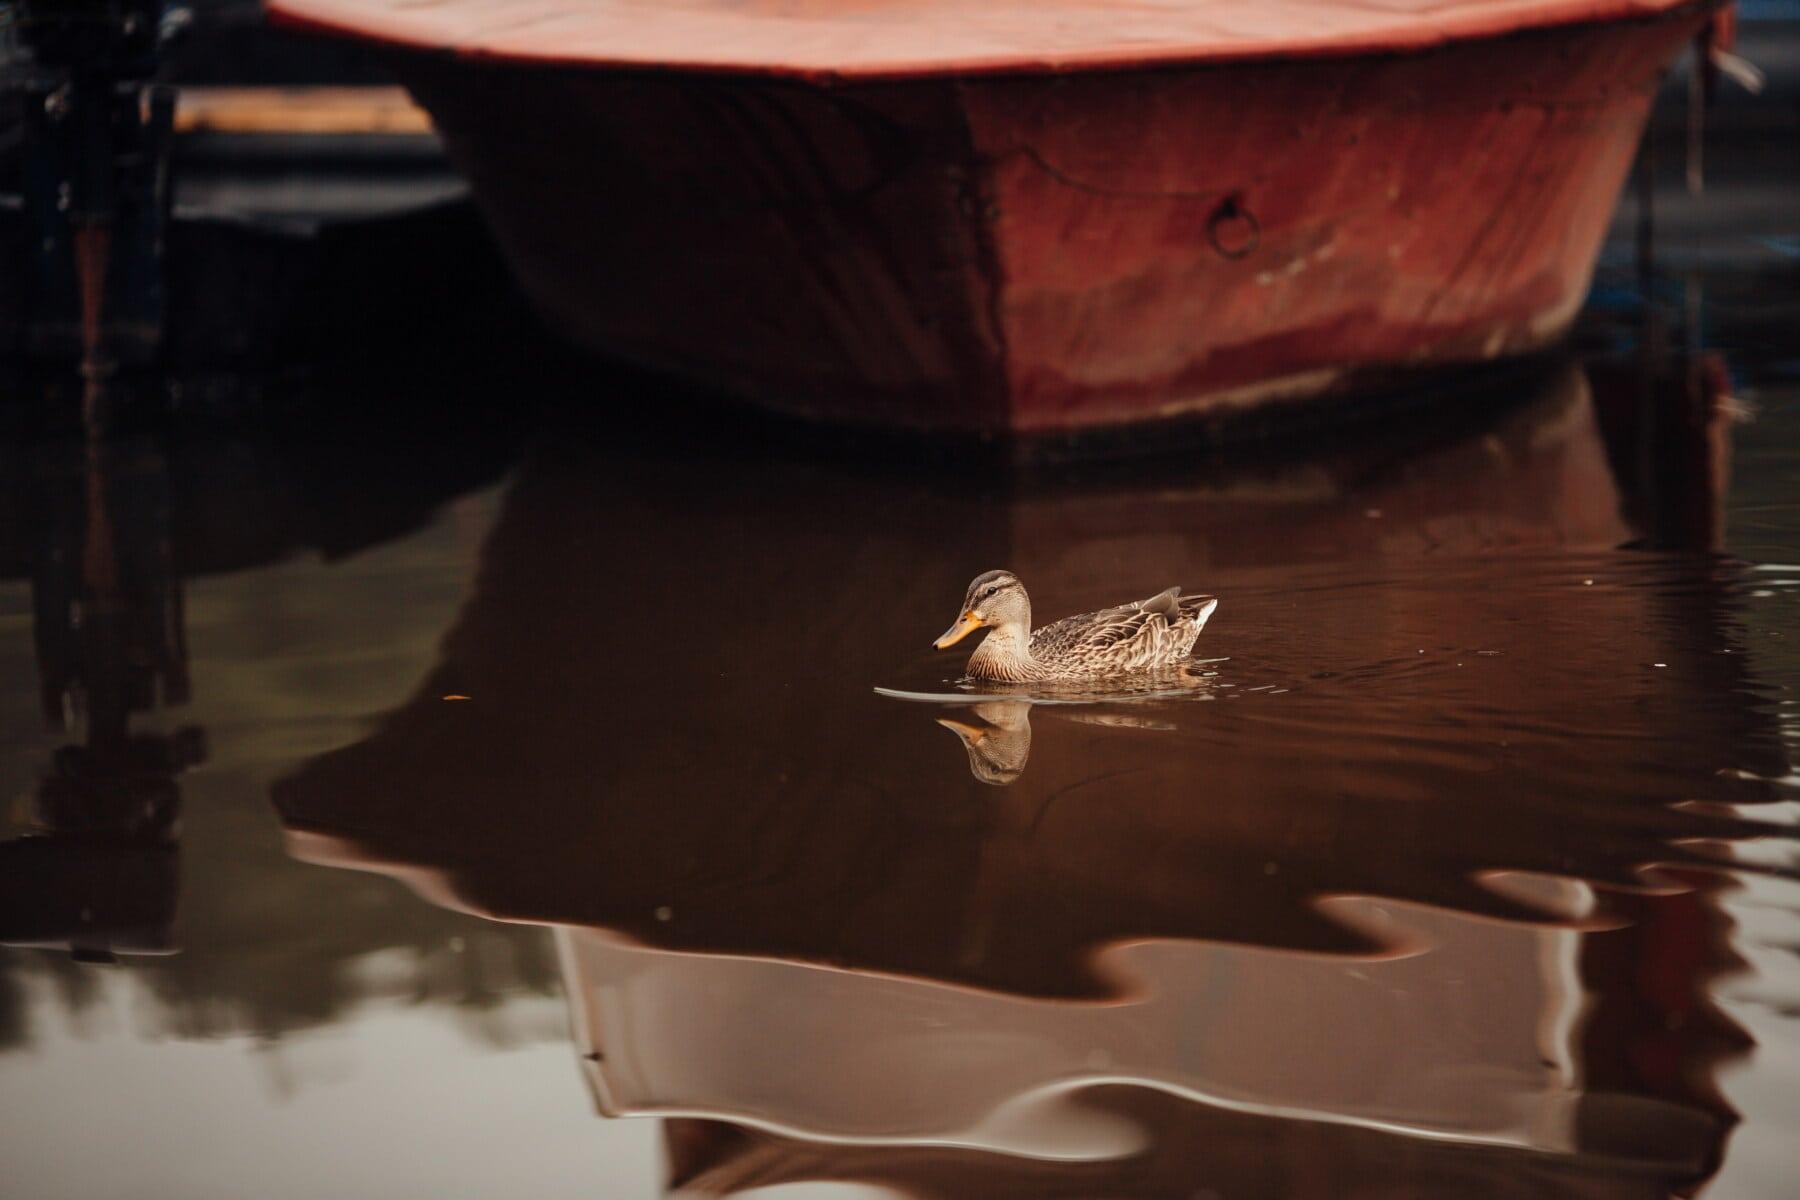 canard, piscine, port, bateaux, eau, oiseau, Lac, embarcation, bateau, réflexion